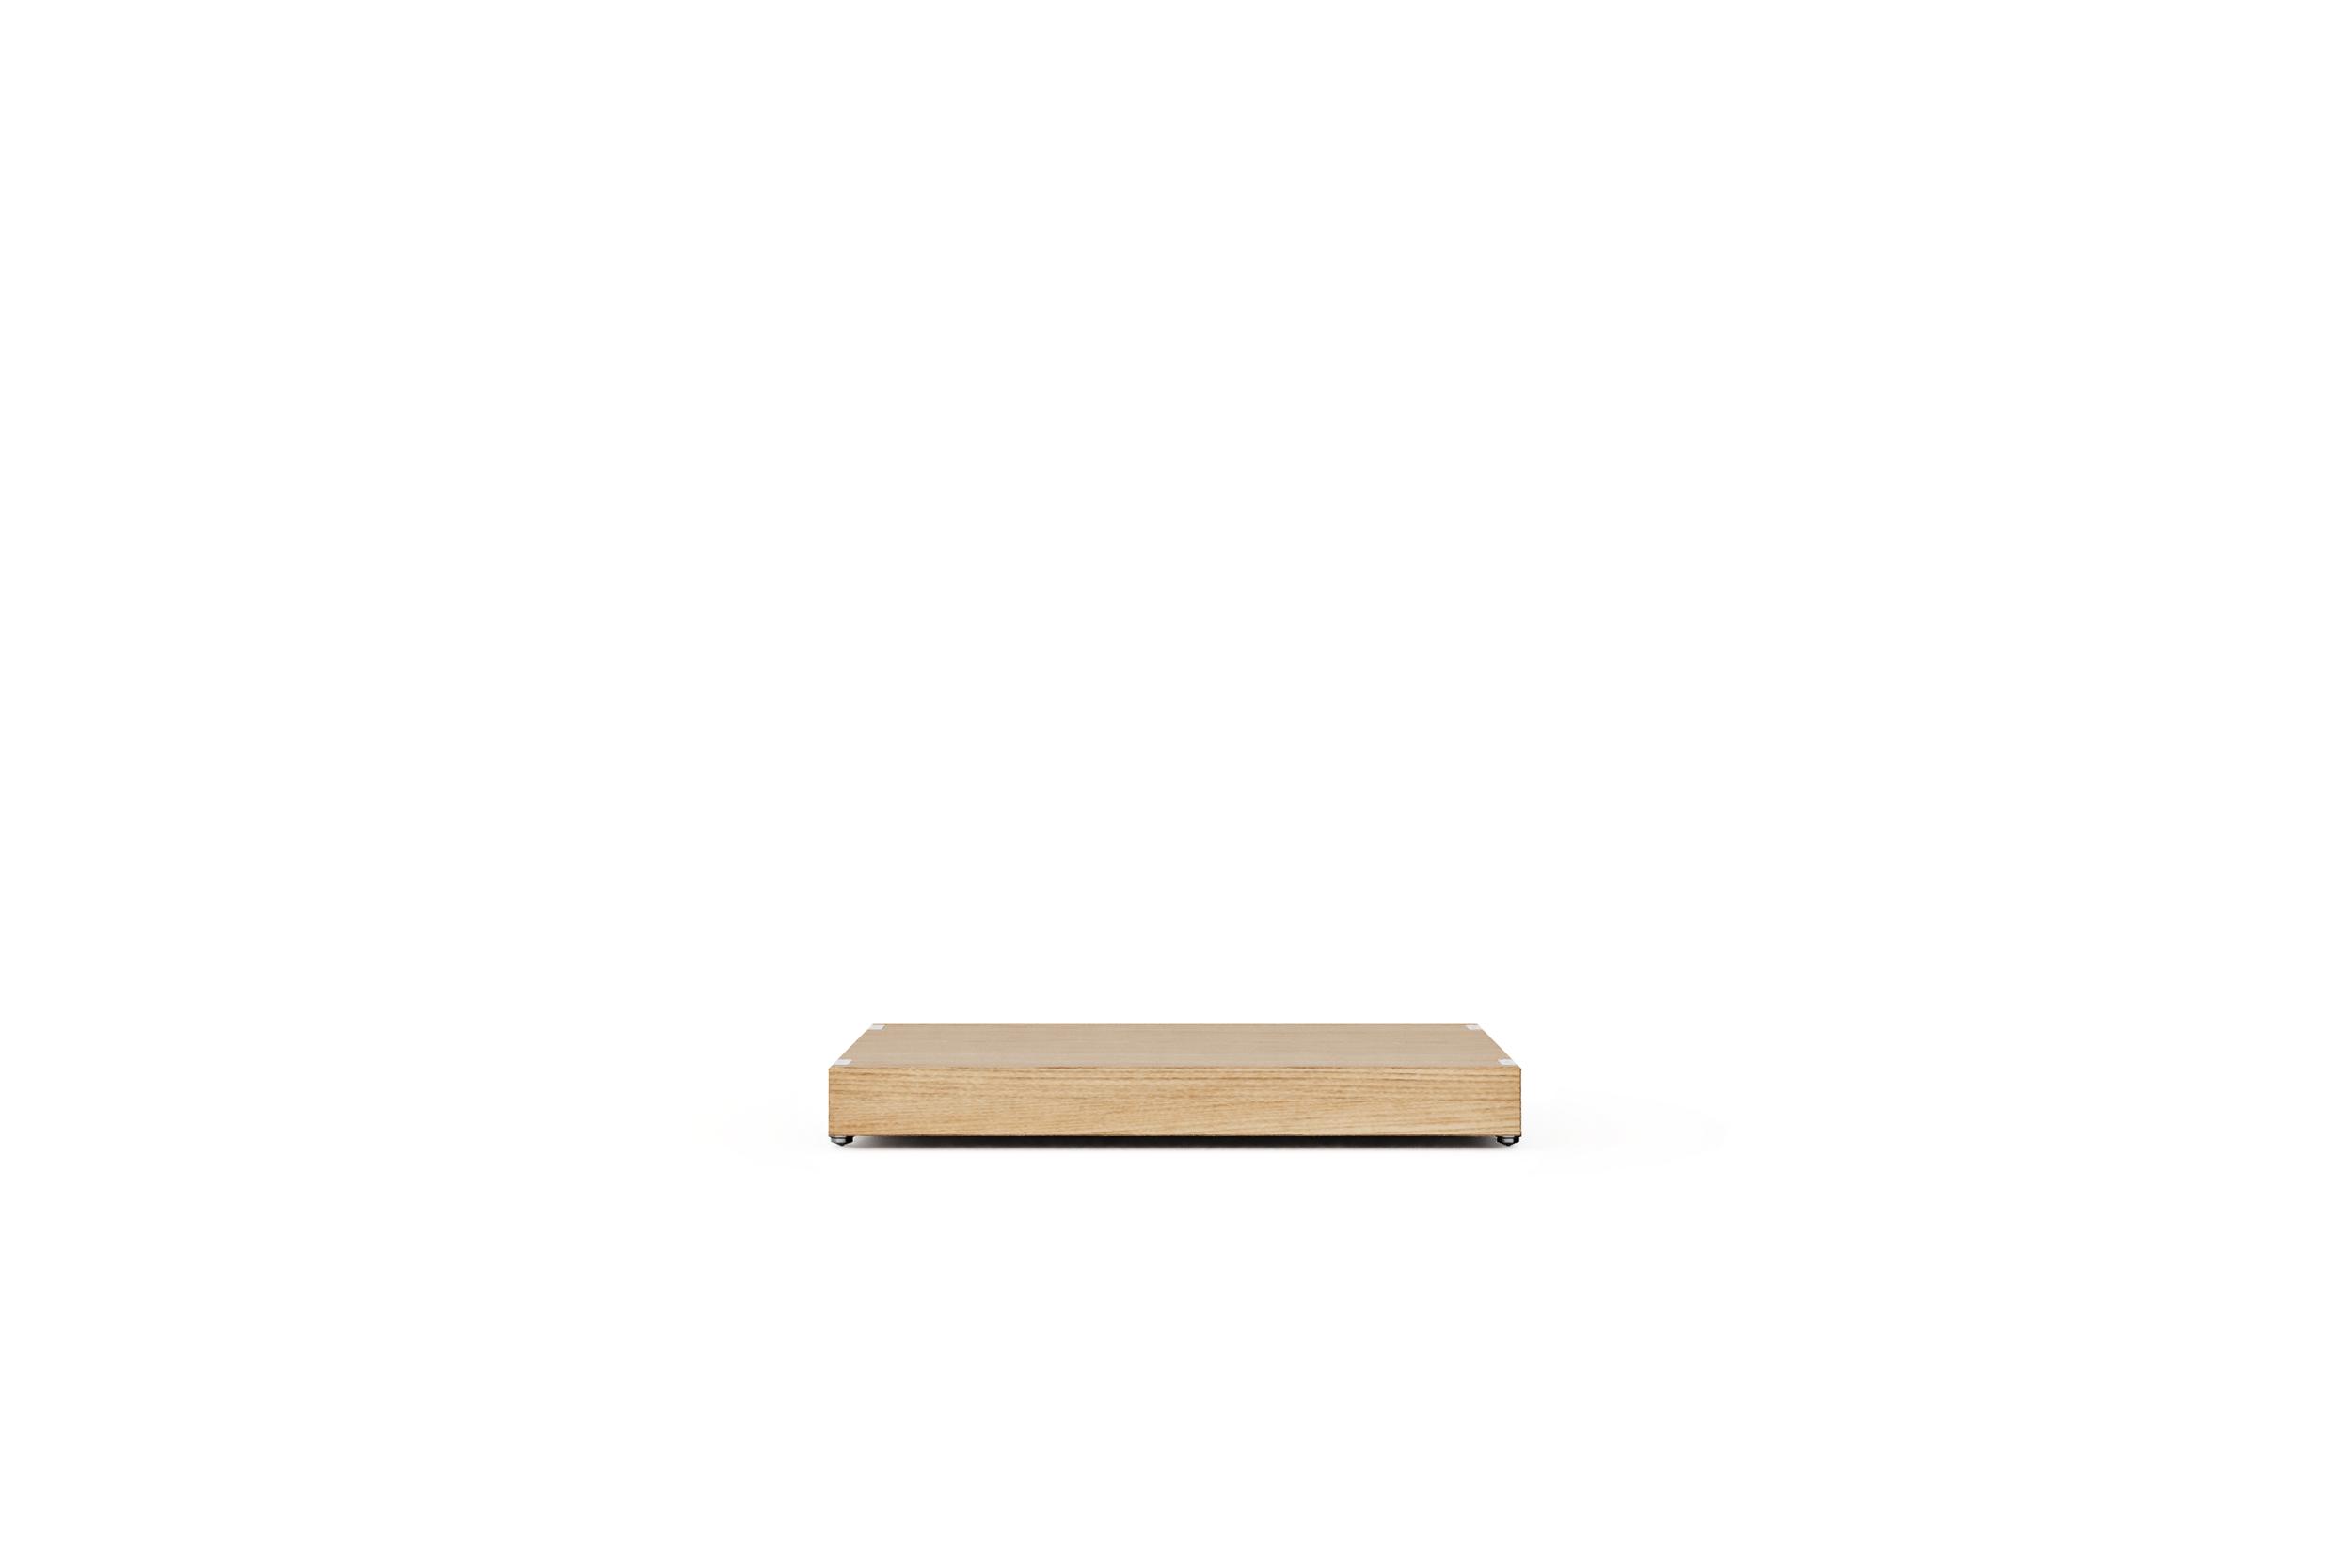 Kopie von Kopie von Beispiel: RÄCK M Esche 00 Aluminium  Natur